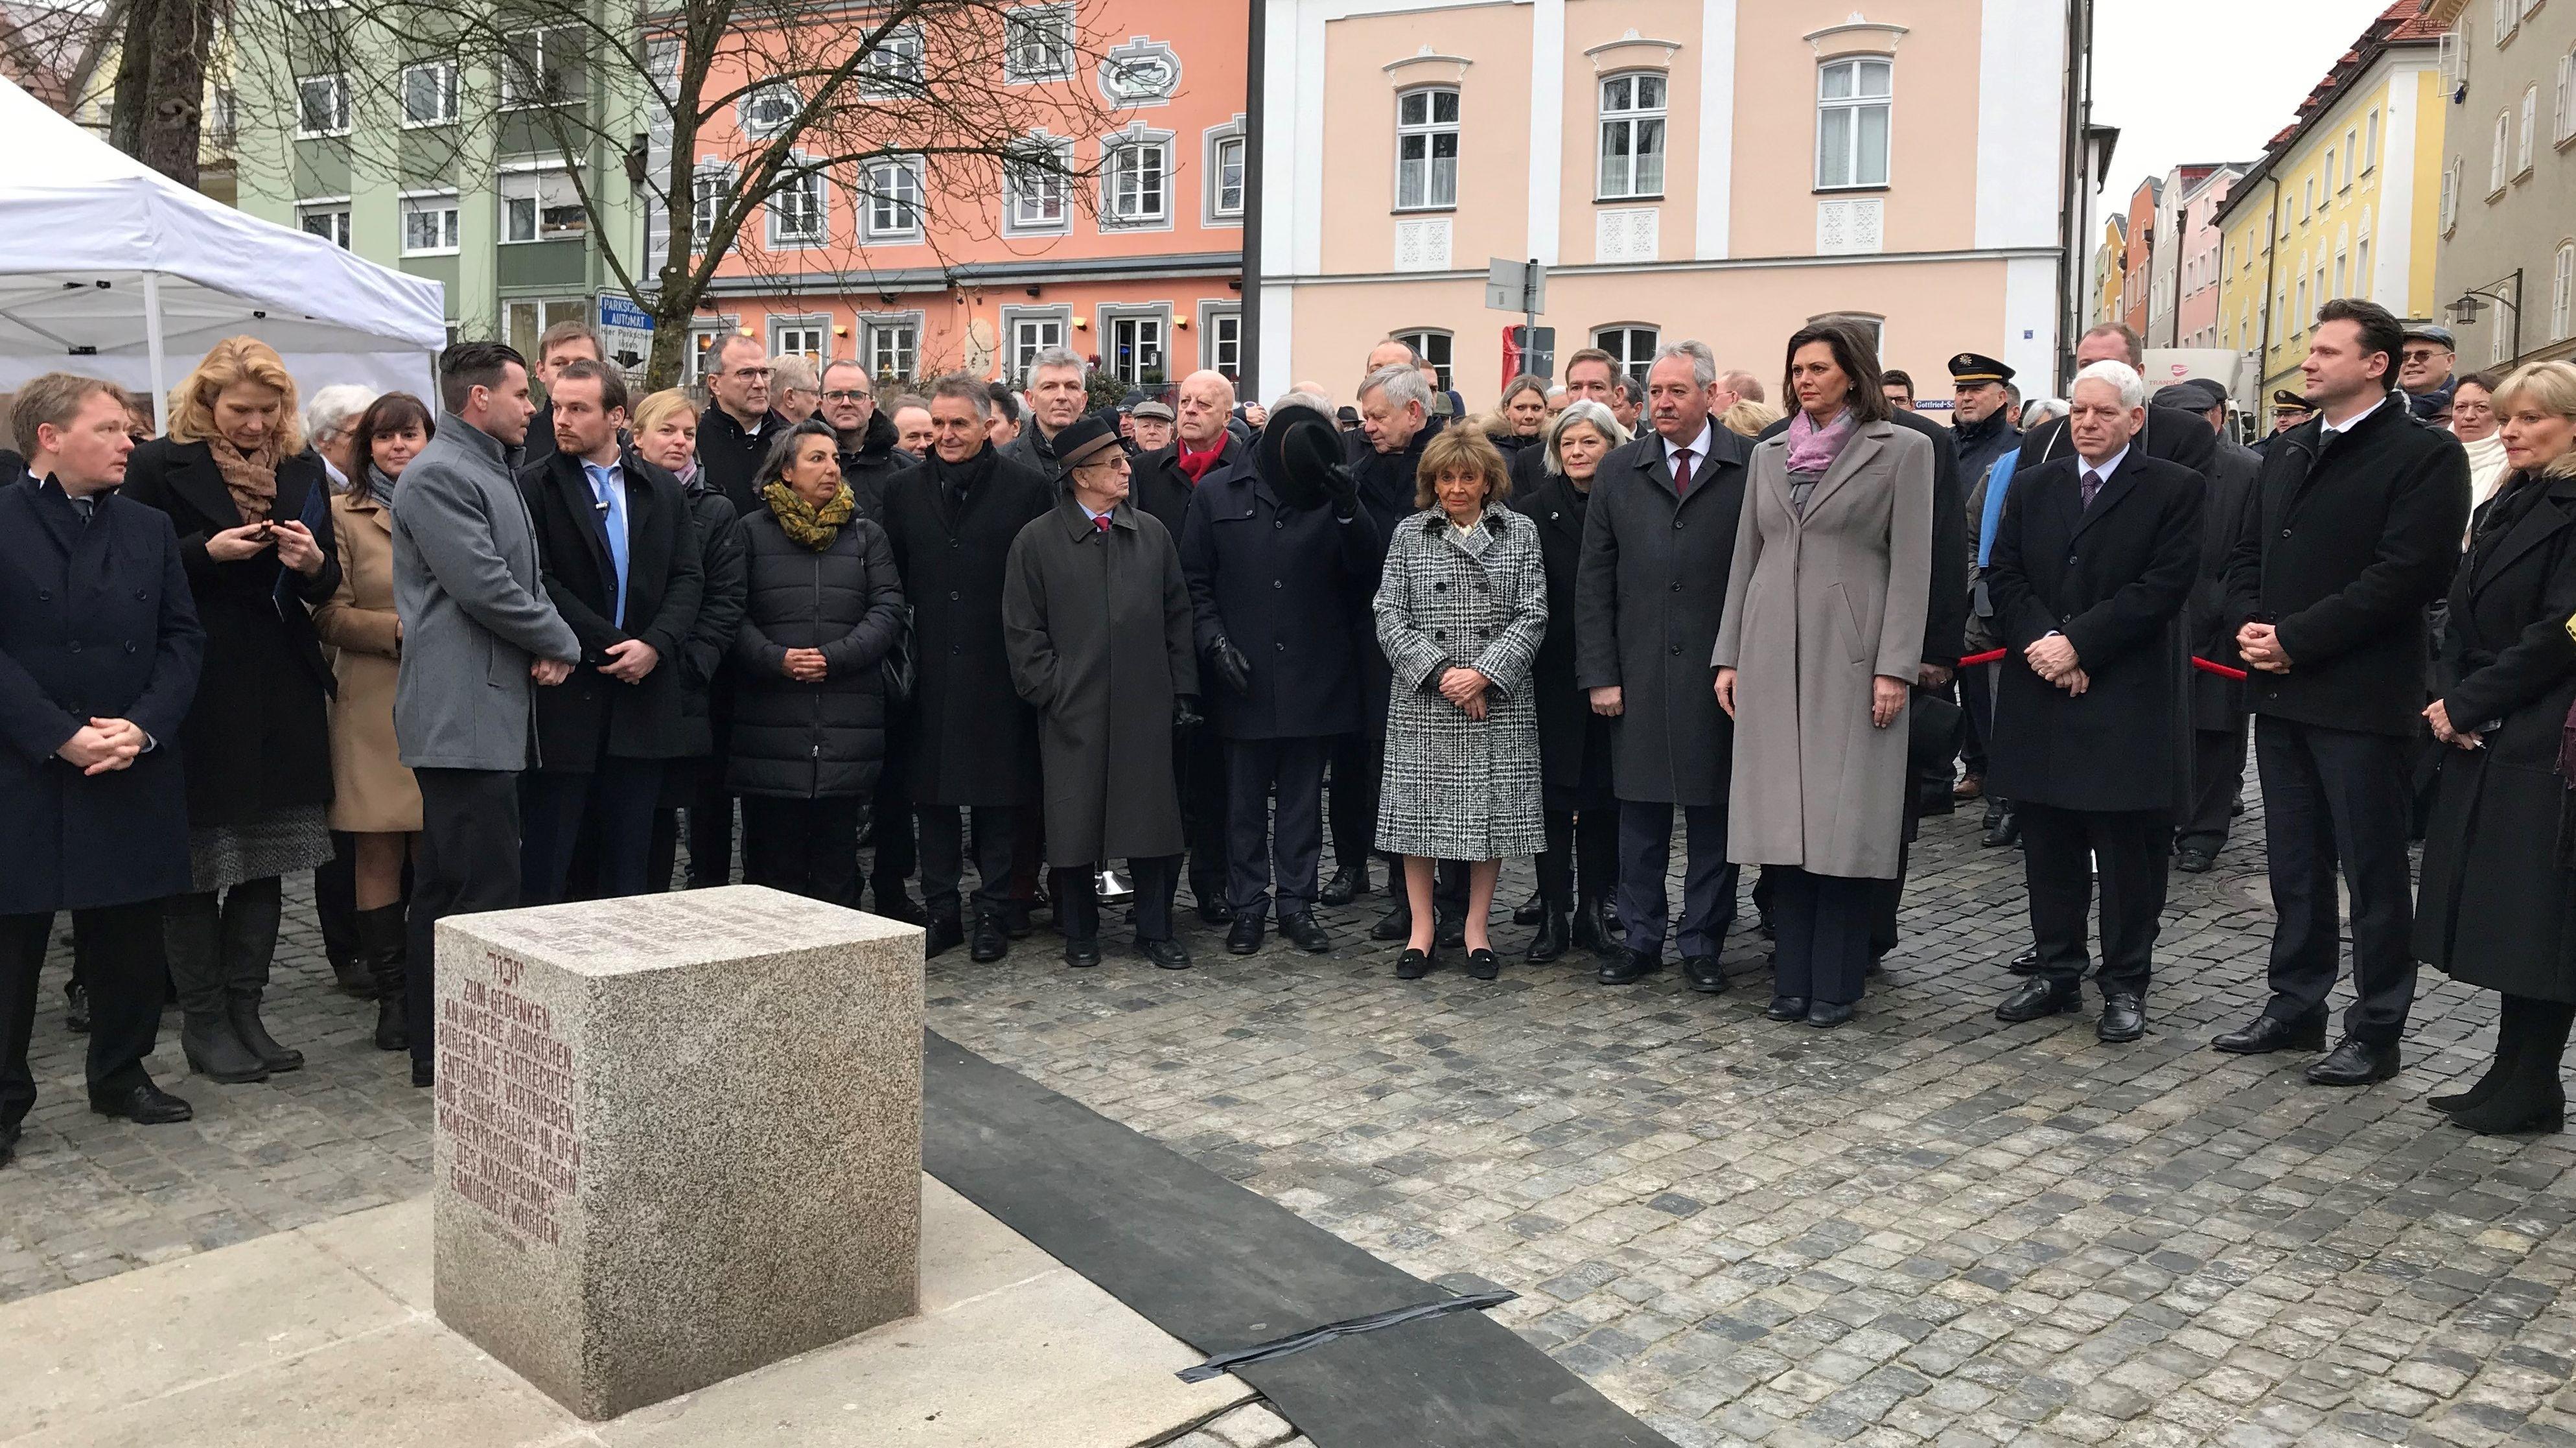 Die geladenen Gäste des Dreiländer-Holocaust-Gedenktags in Passau